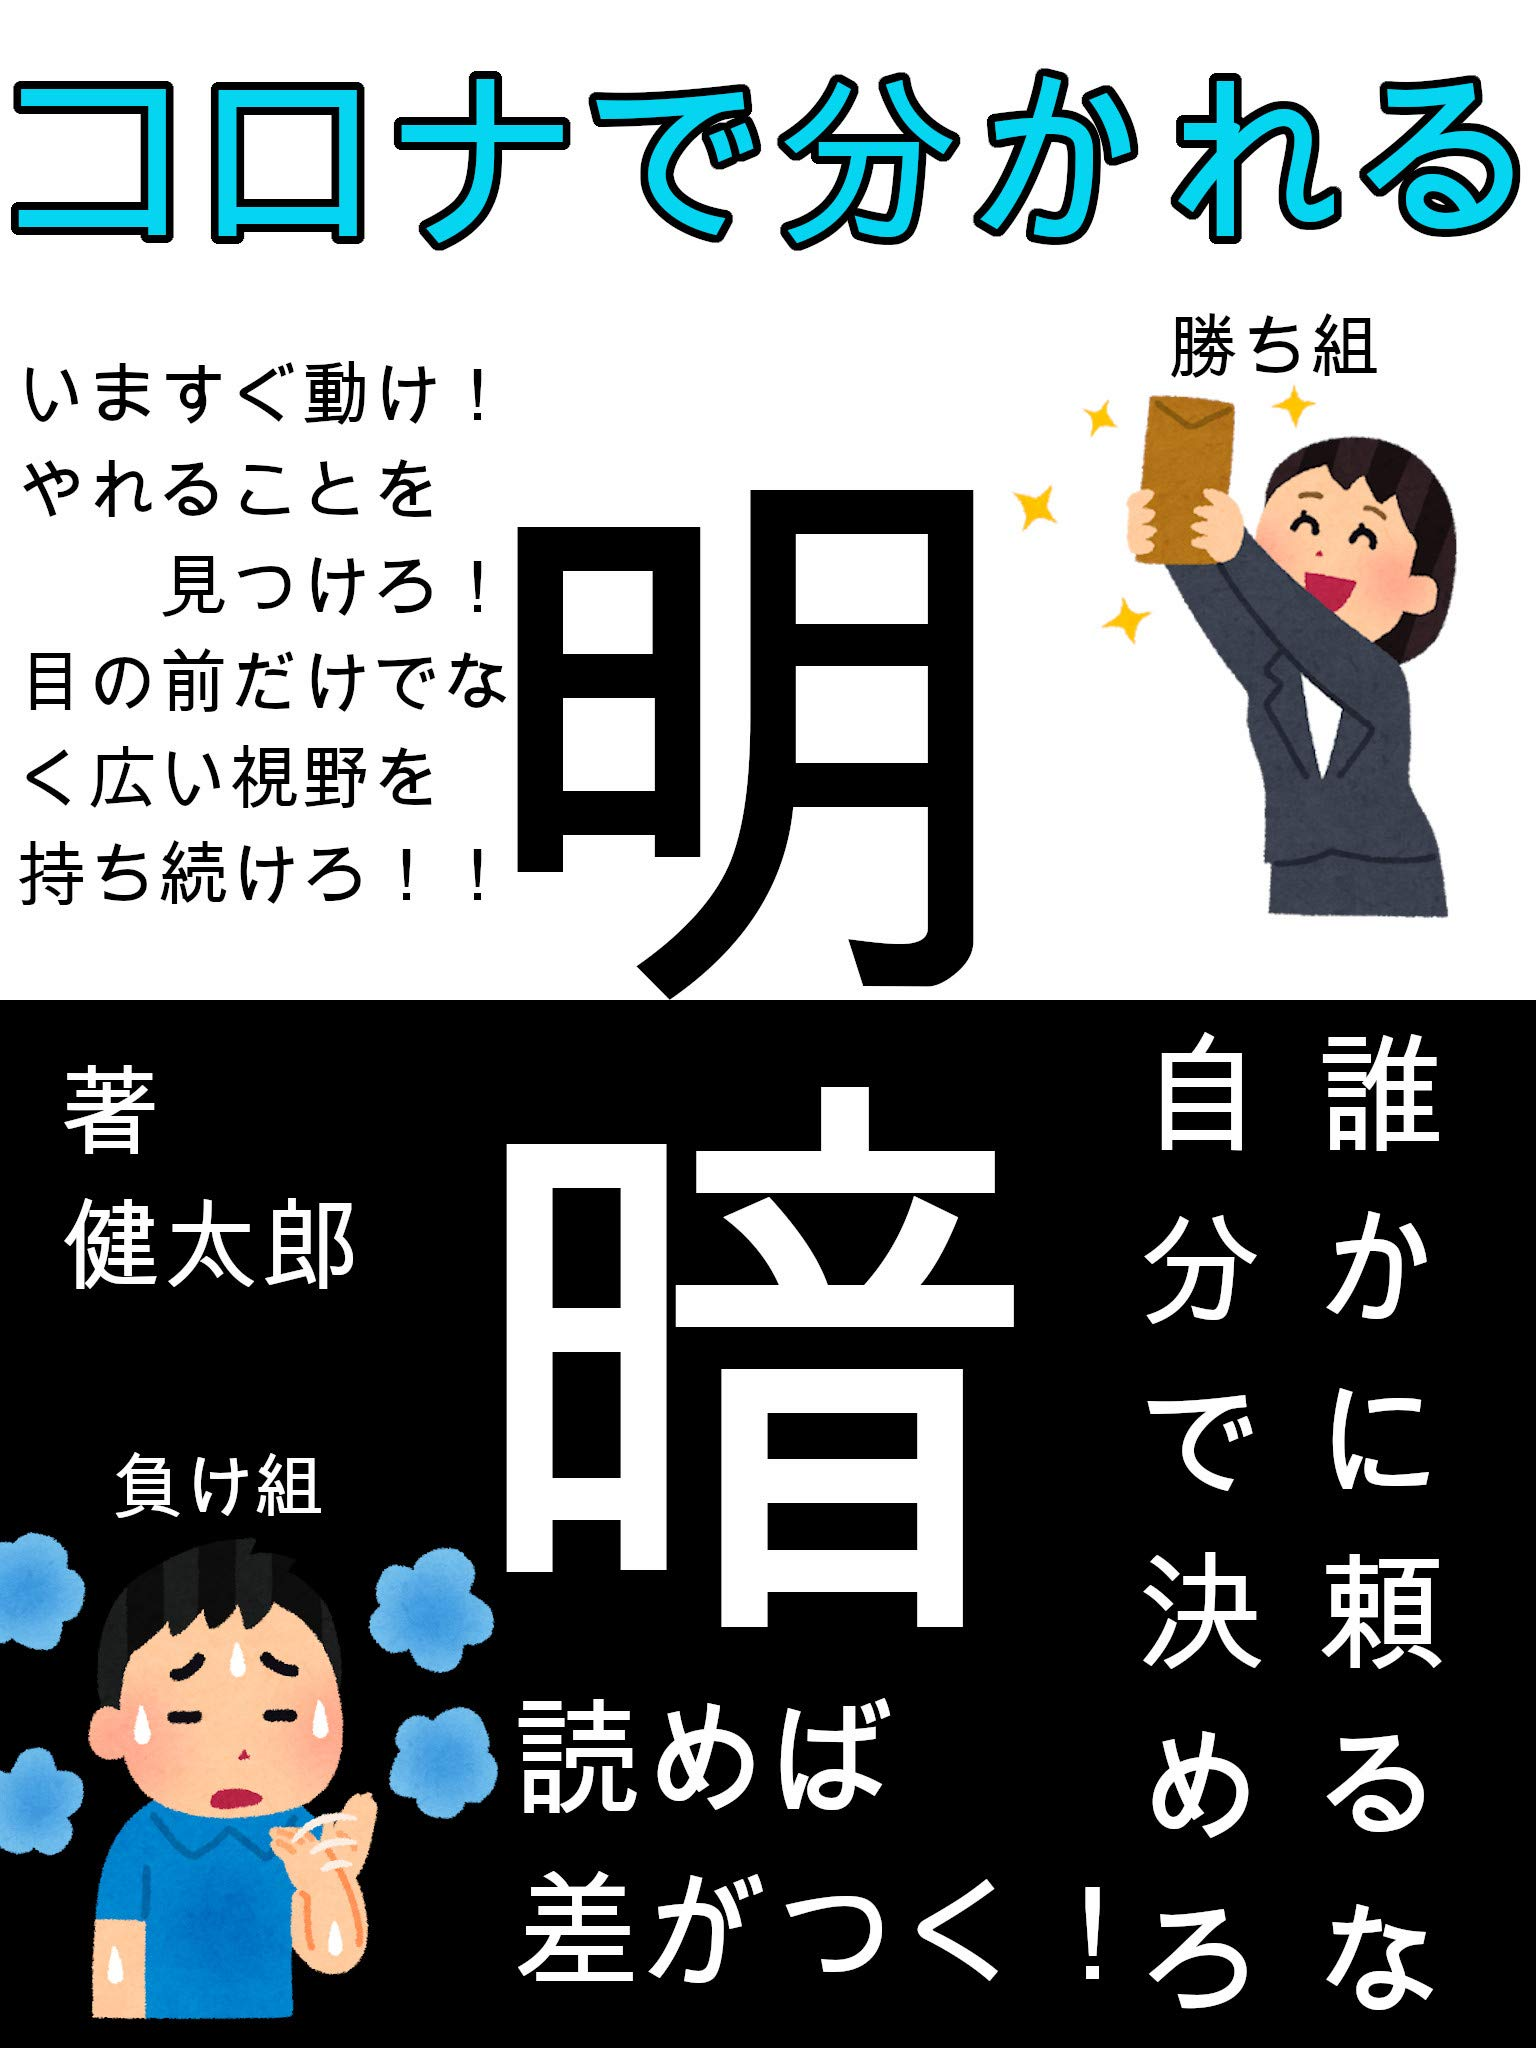 koronadewakarerumeinn (Japanese Edition)